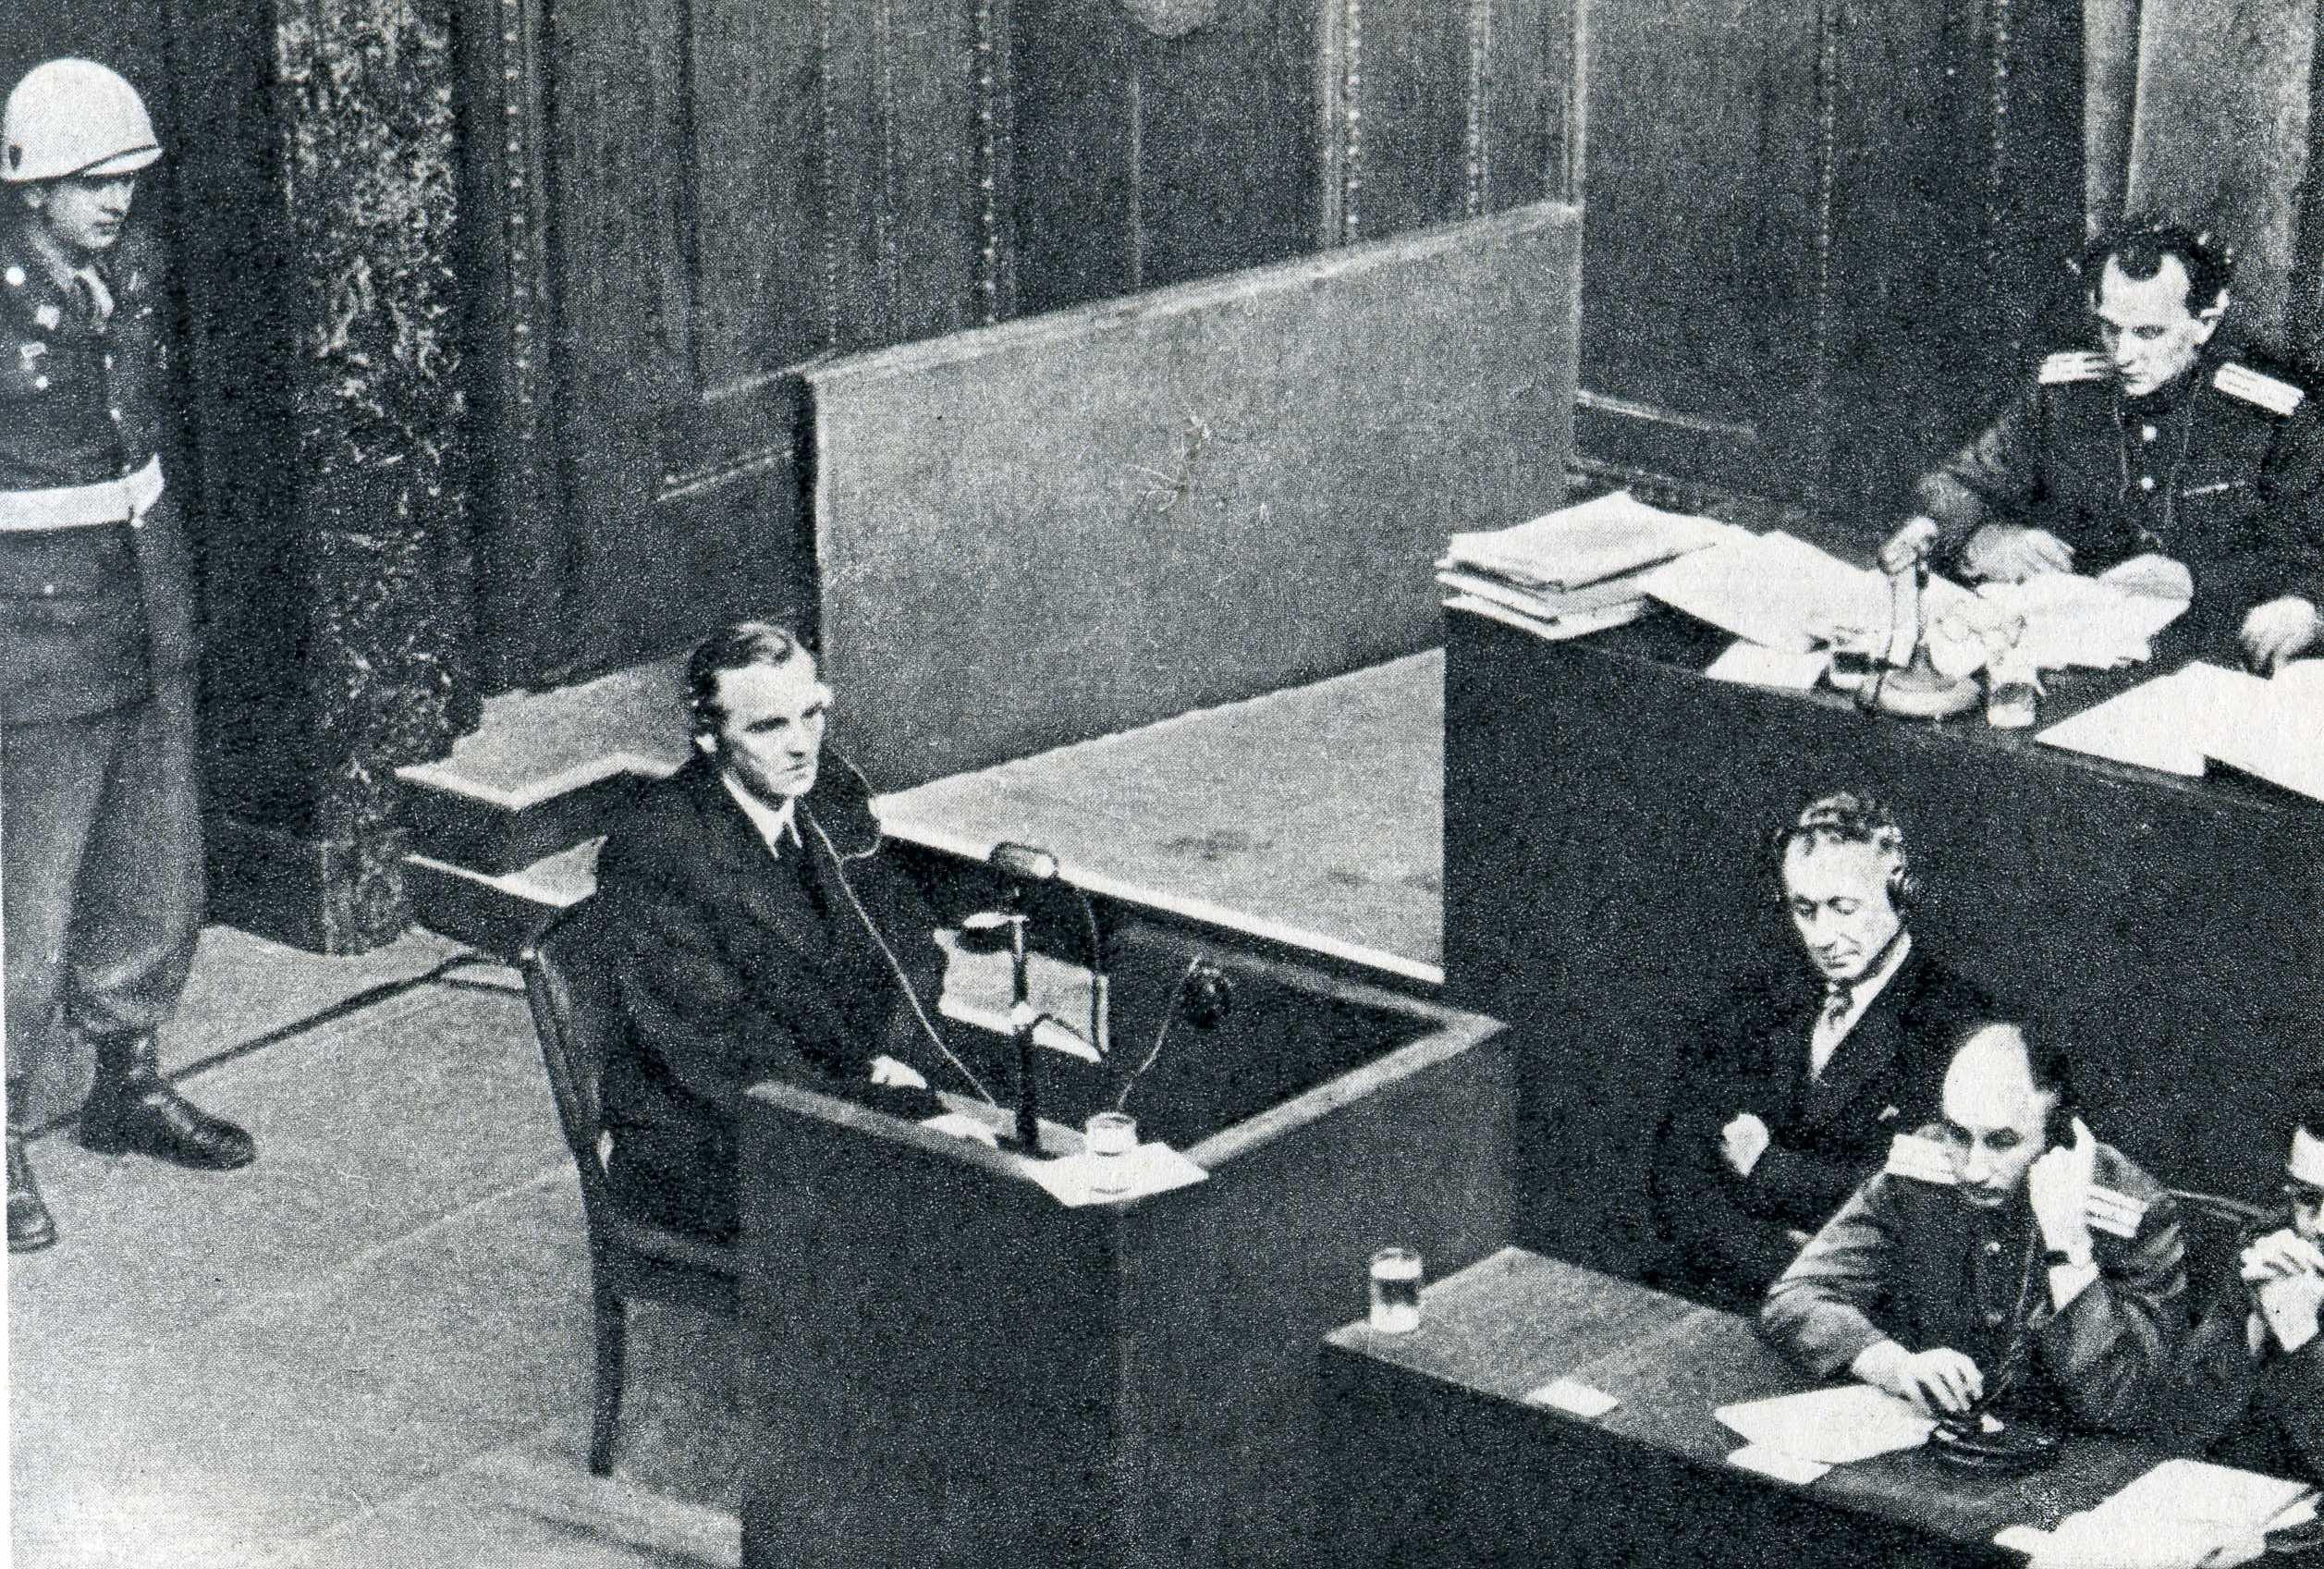 Фридрих Паулюс дает показания на Нюрнбергском процессе